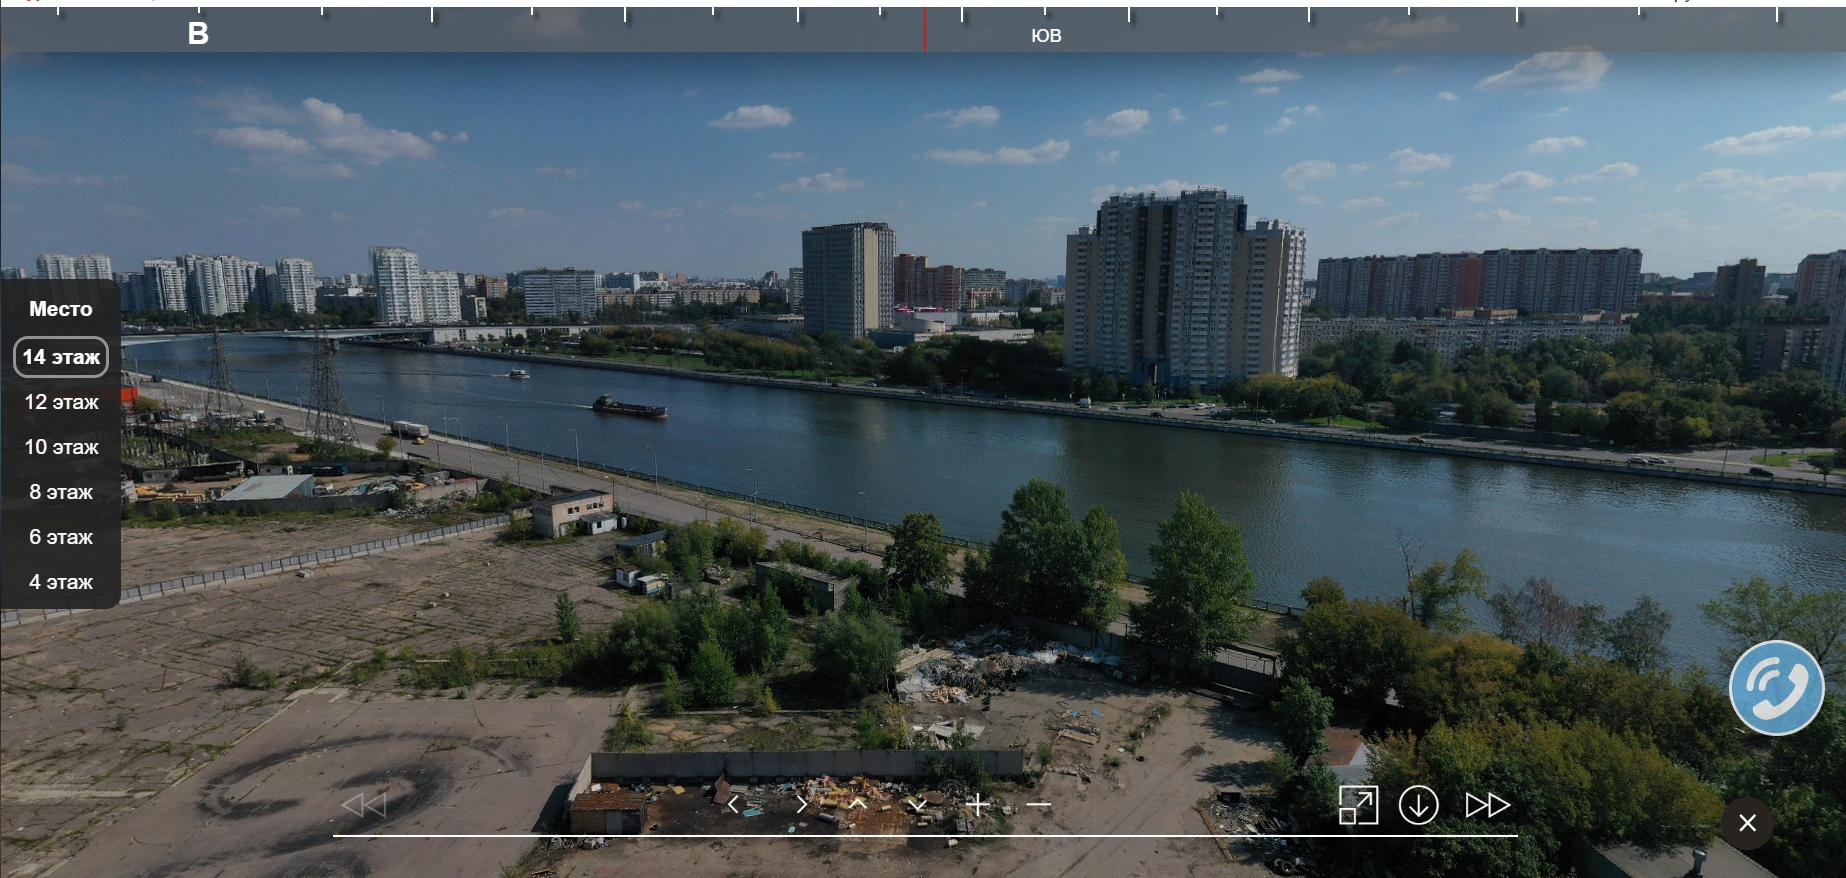 """Другие объекты застройщика """"Эталон-Инвест"""" в Московском регионе - Страница 3 5Ws6bXjv"""